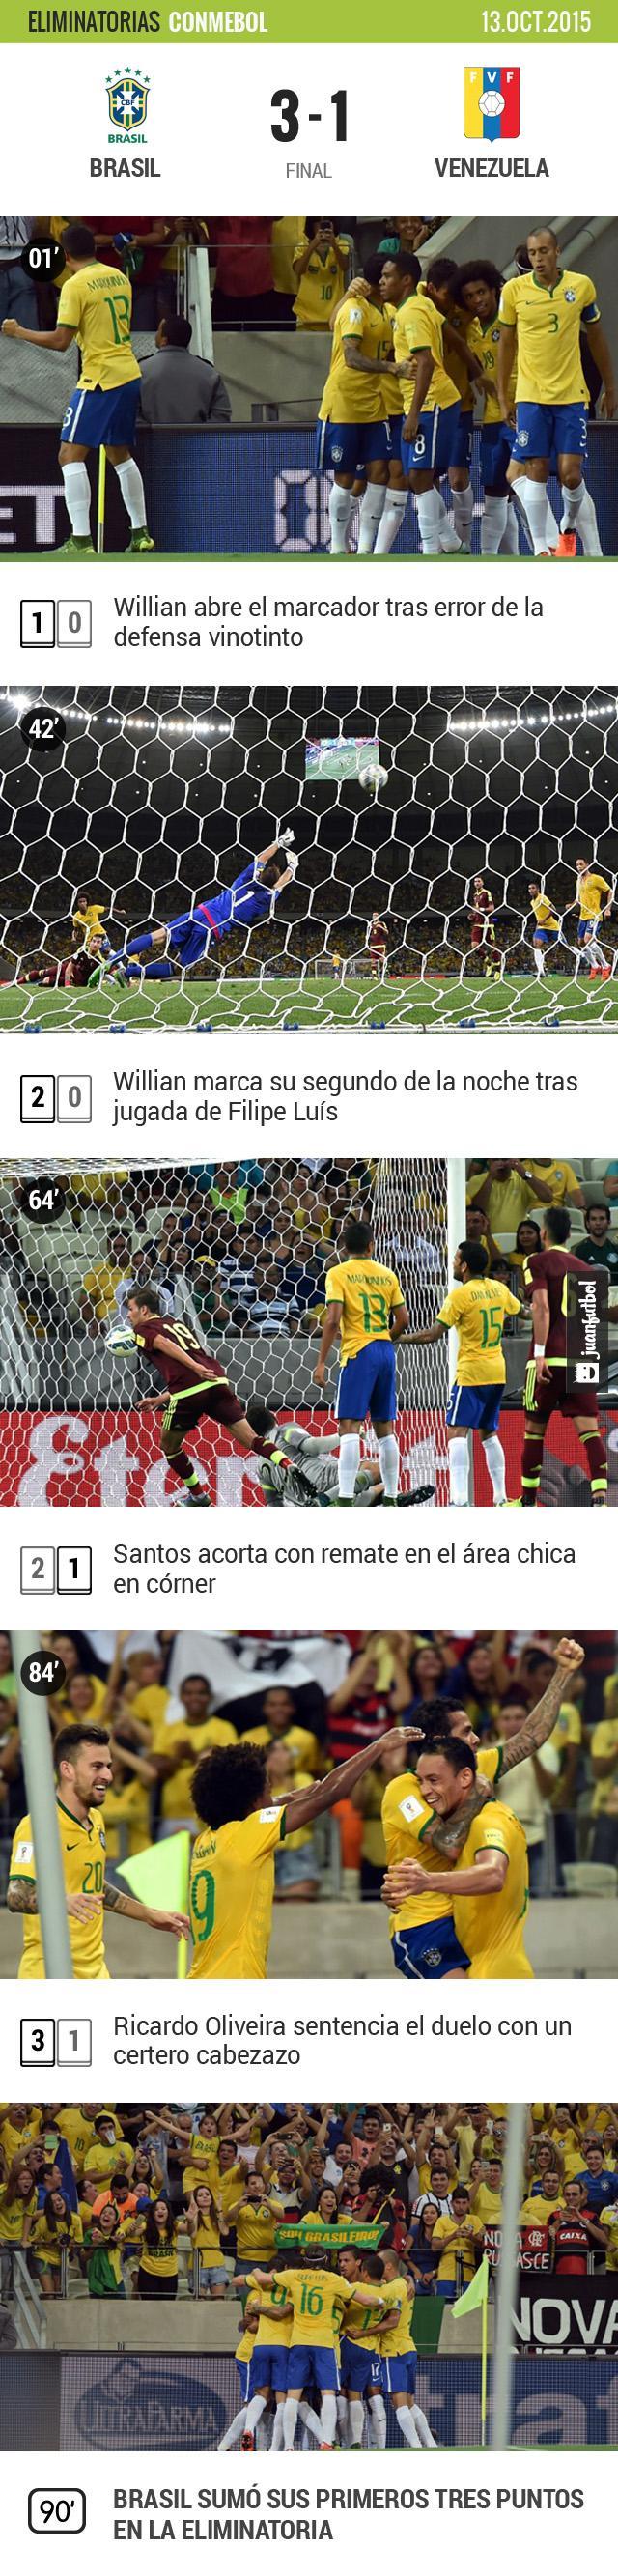 Brasil derrotó a Venezuela y sumó sus primeras tres unidades en la eliminatoria de Conmebol